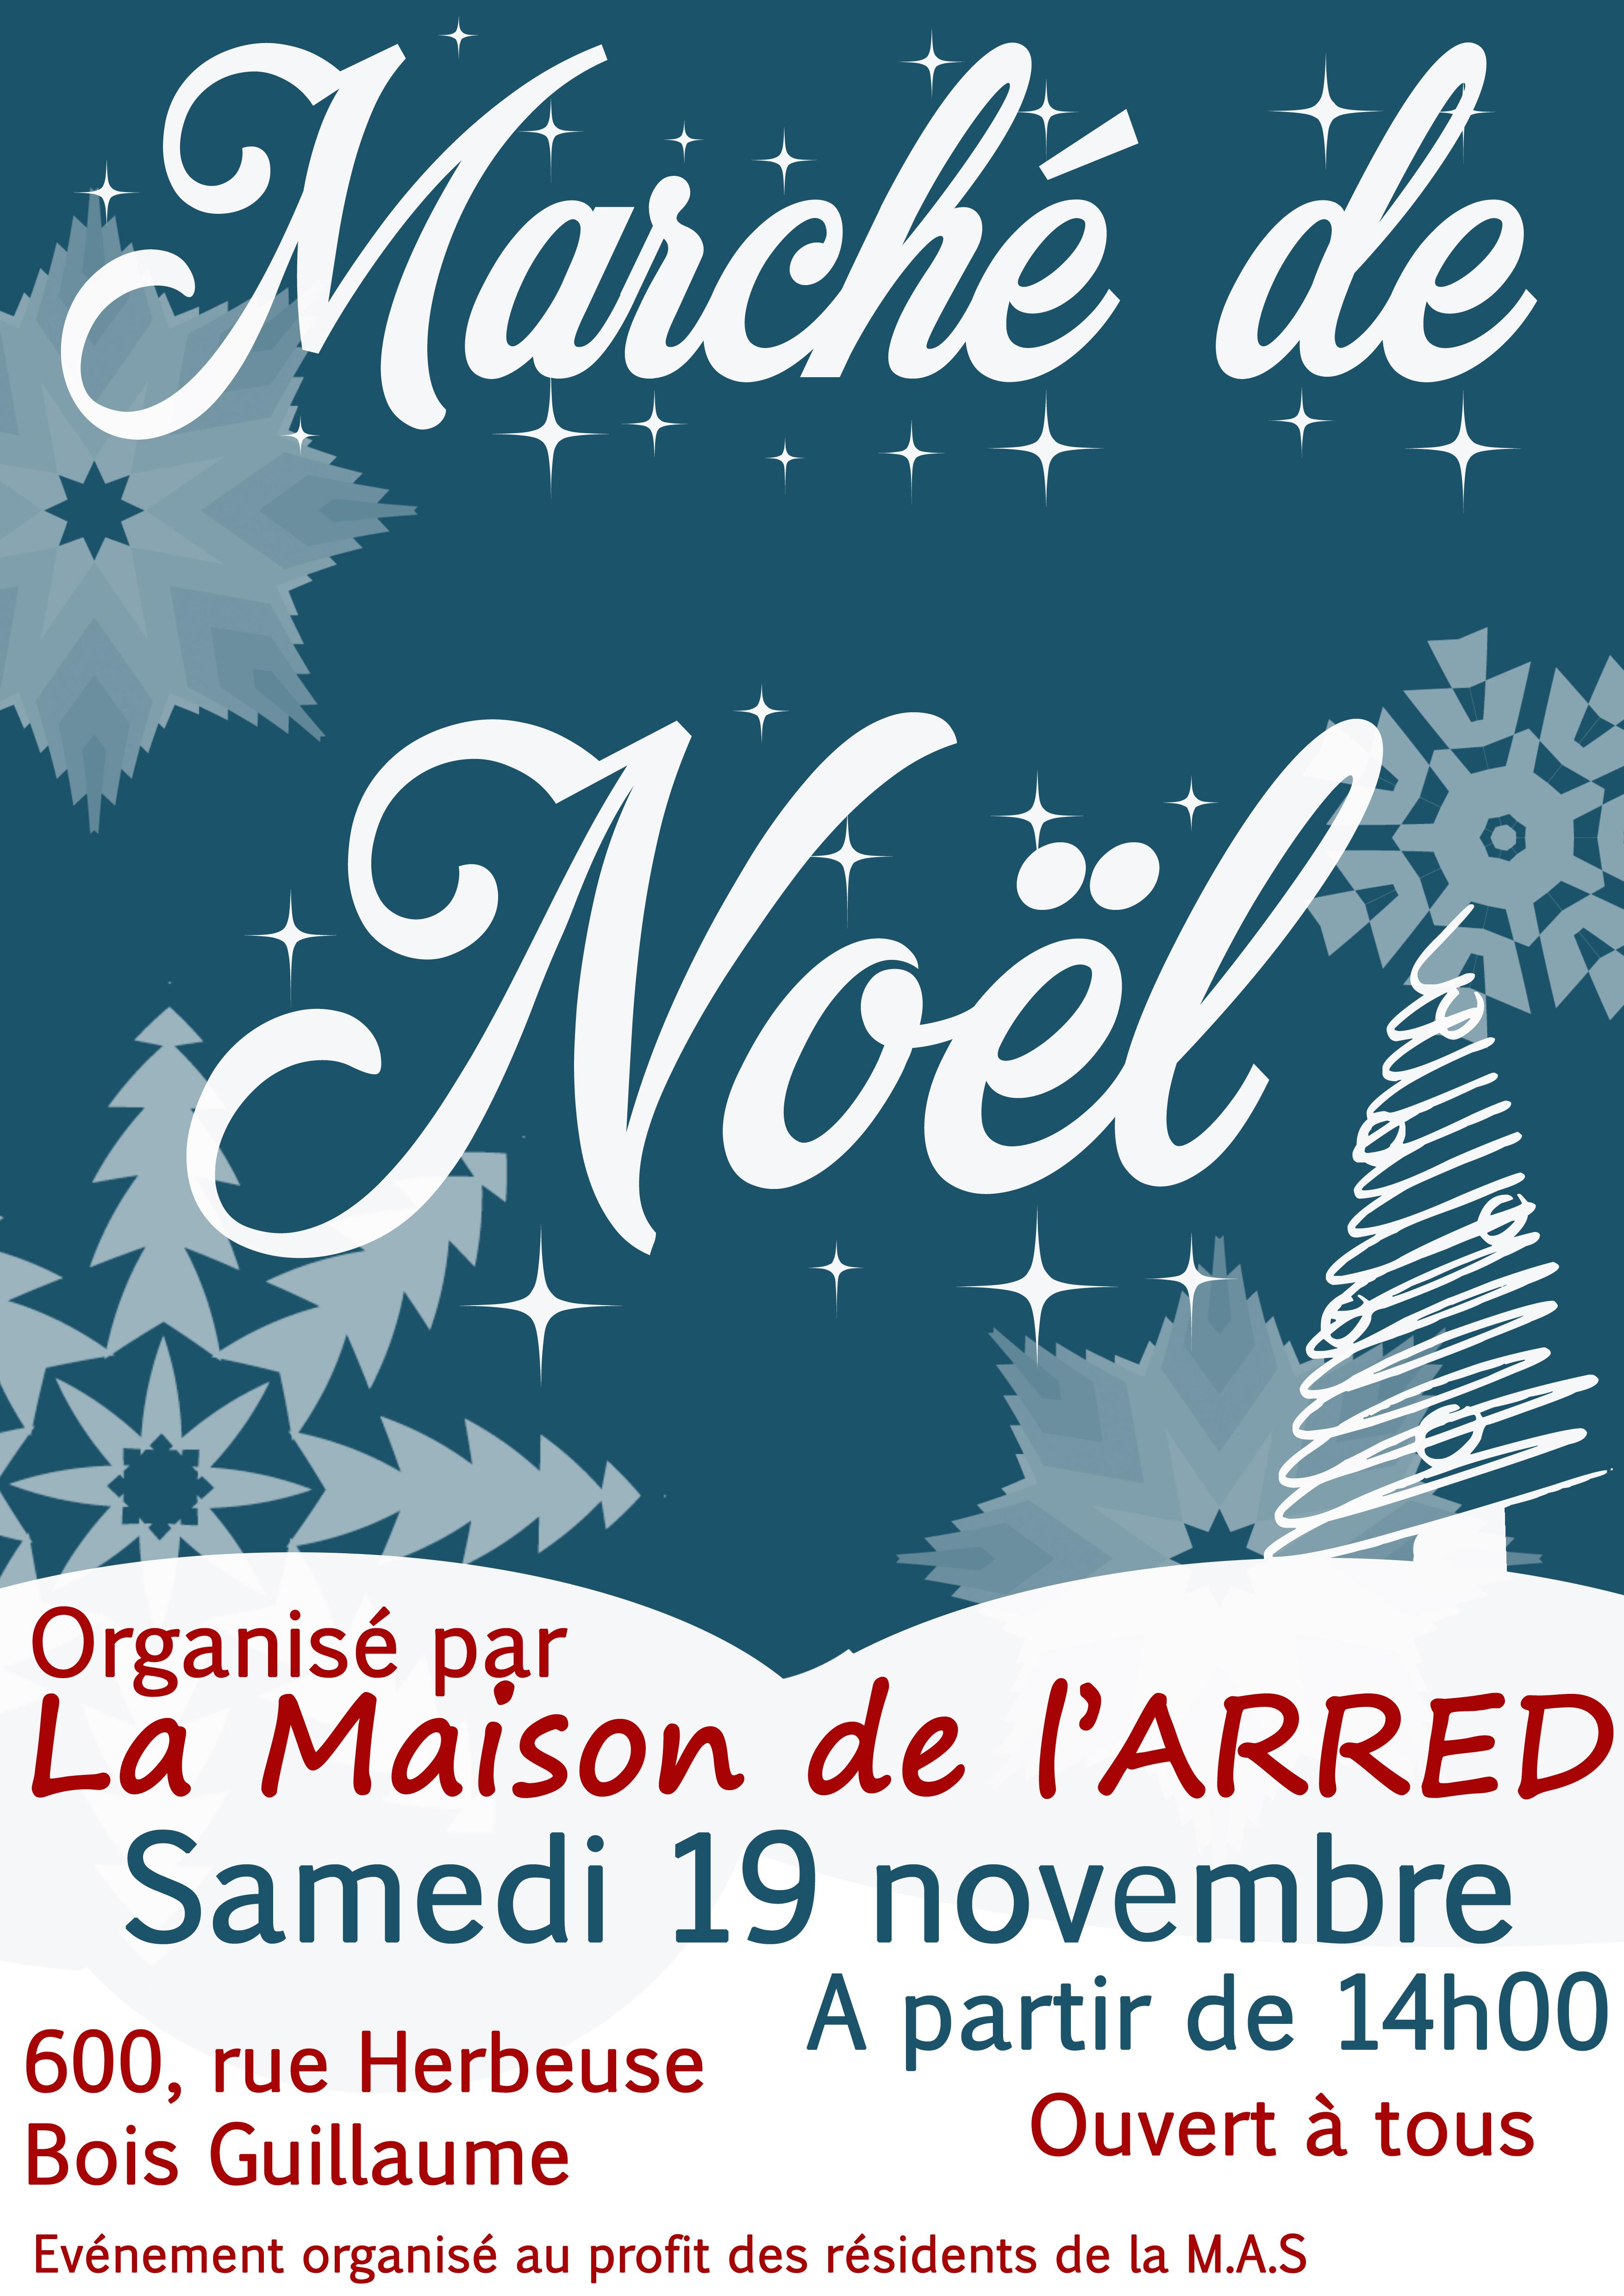 affiche-marche-de-noel-du-19-11-2016